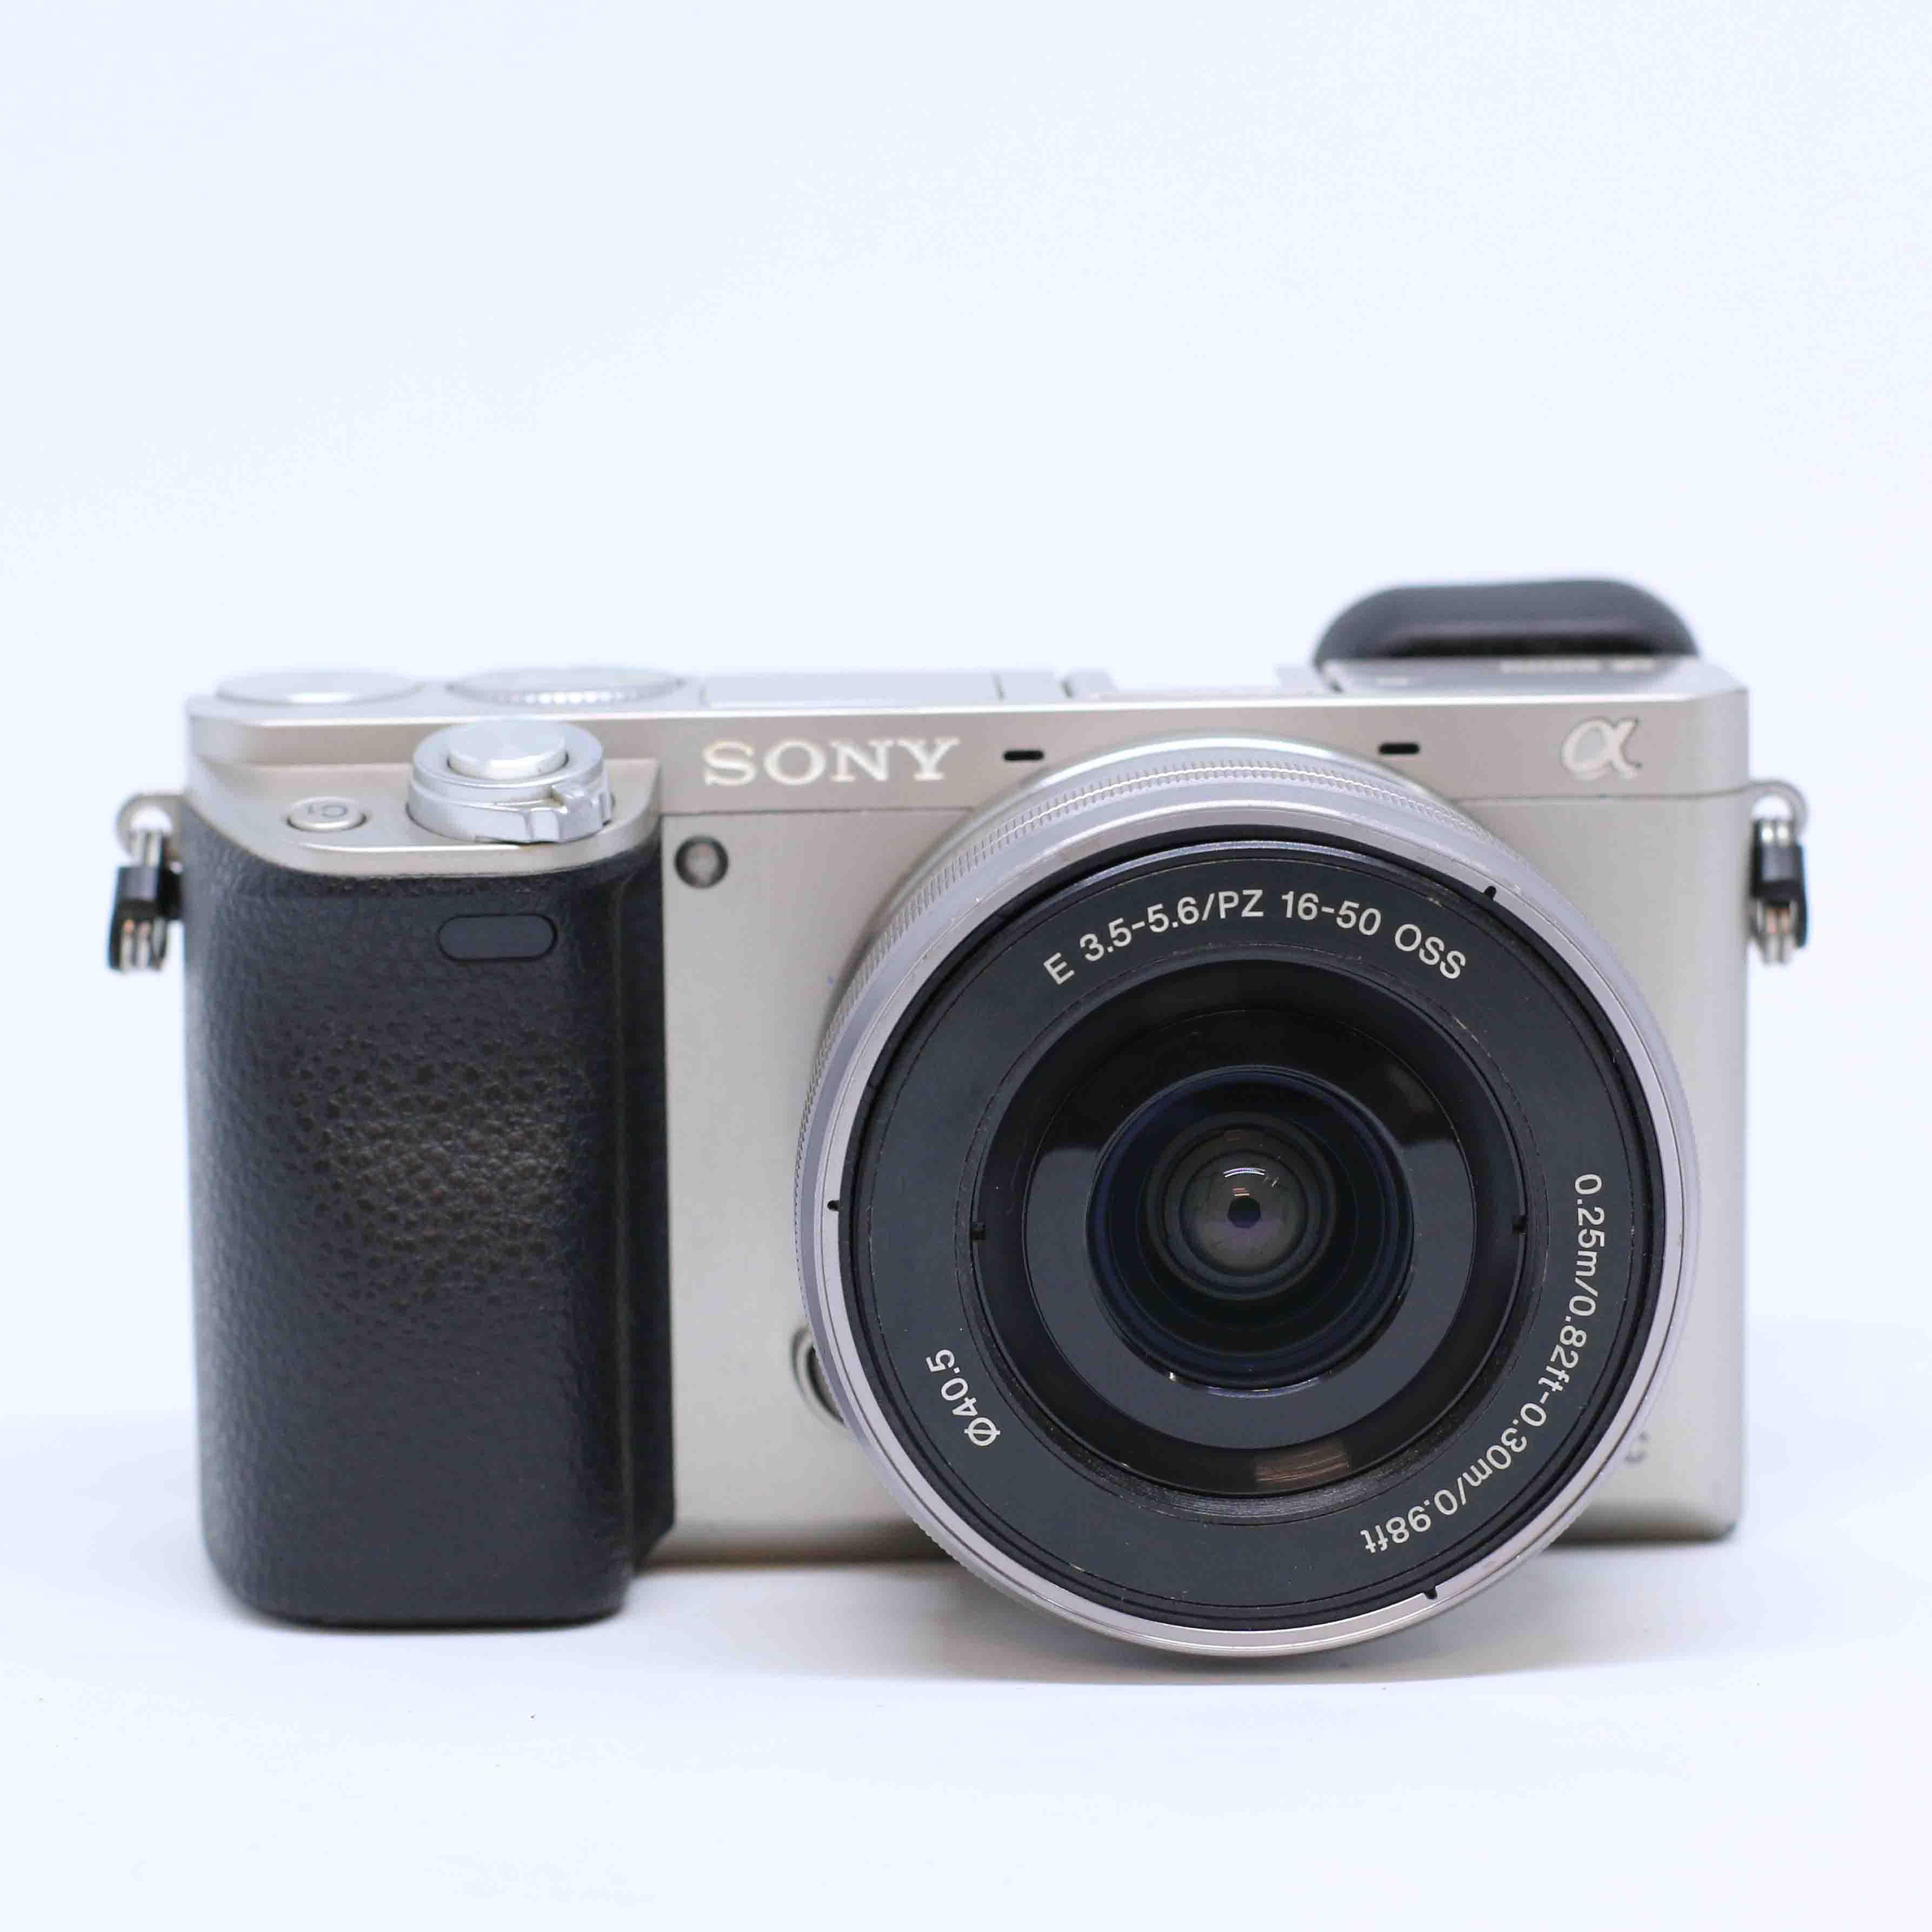 Máy ảnh Sony A6000 + Kit 16-50mm F/4.5-5.6 OSS